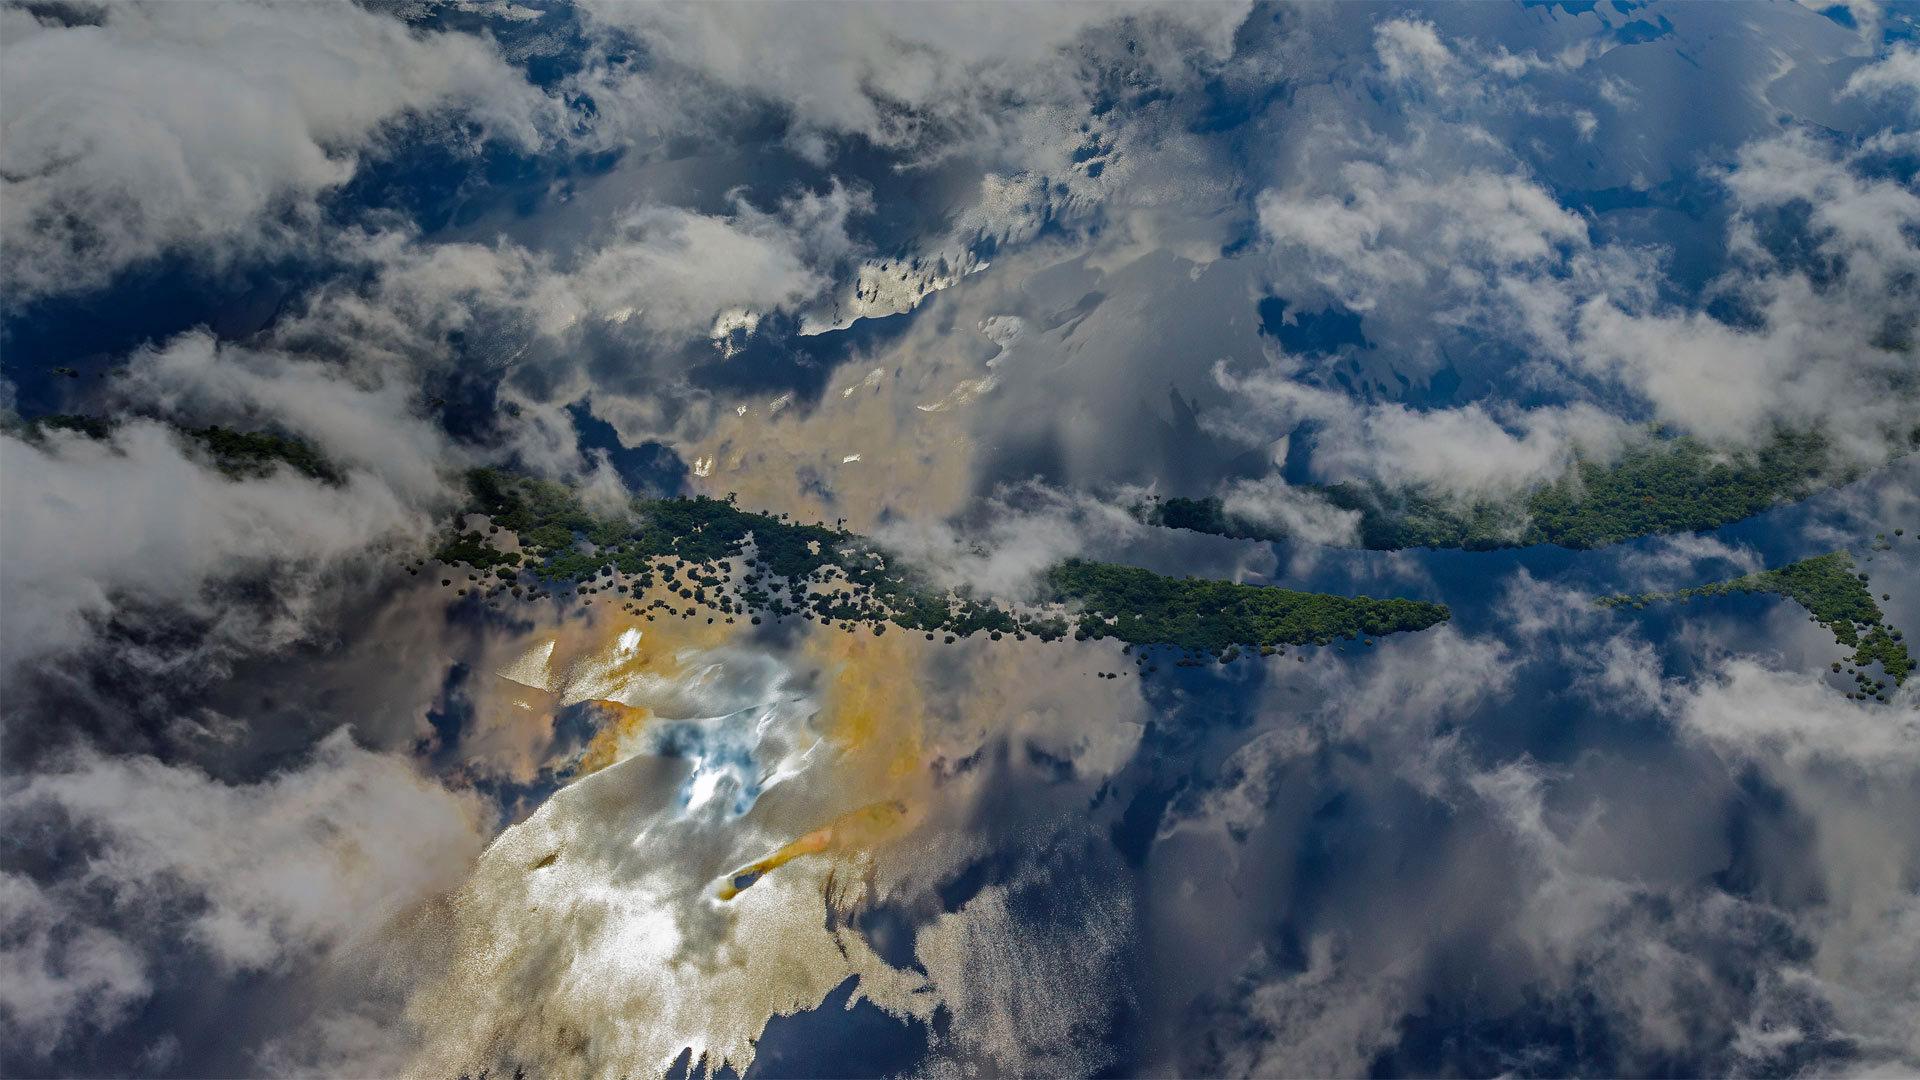 马瑙斯附近的亚马逊河流域鸟瞰图